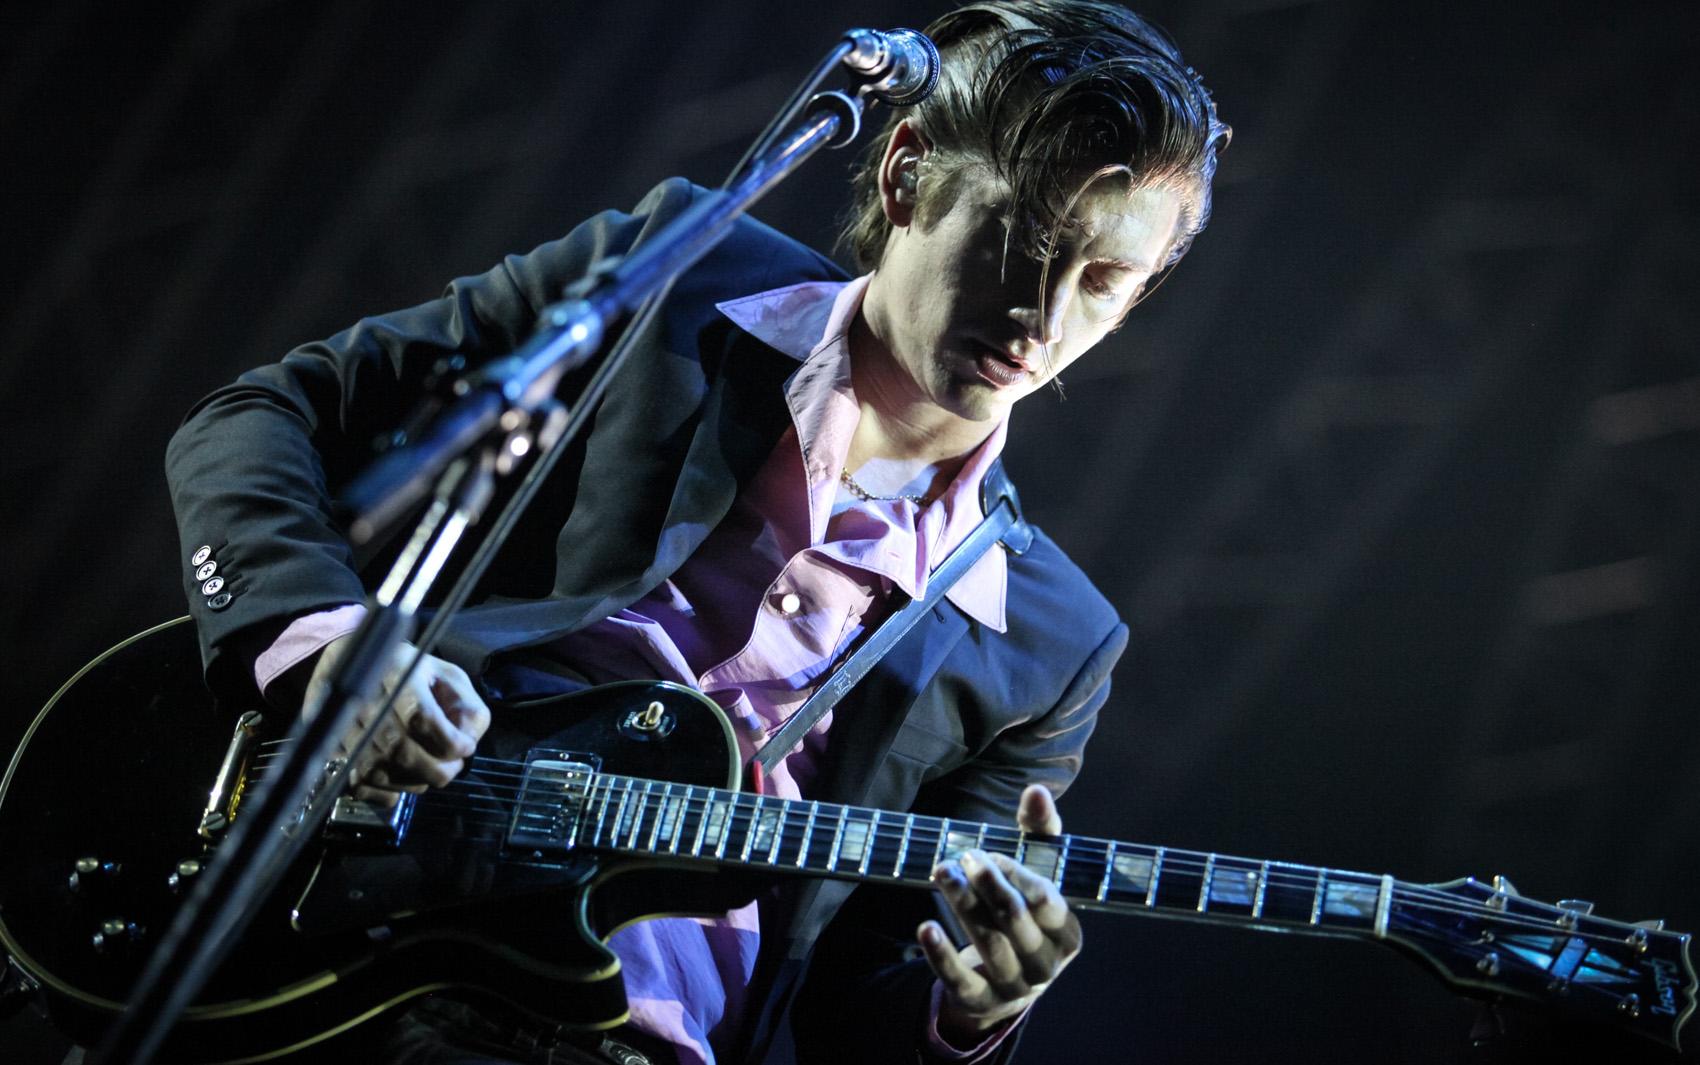 Alex Turner, vocalista e guitarrista do Arctic Monkeys, em apresentação no Rio de Janeiro